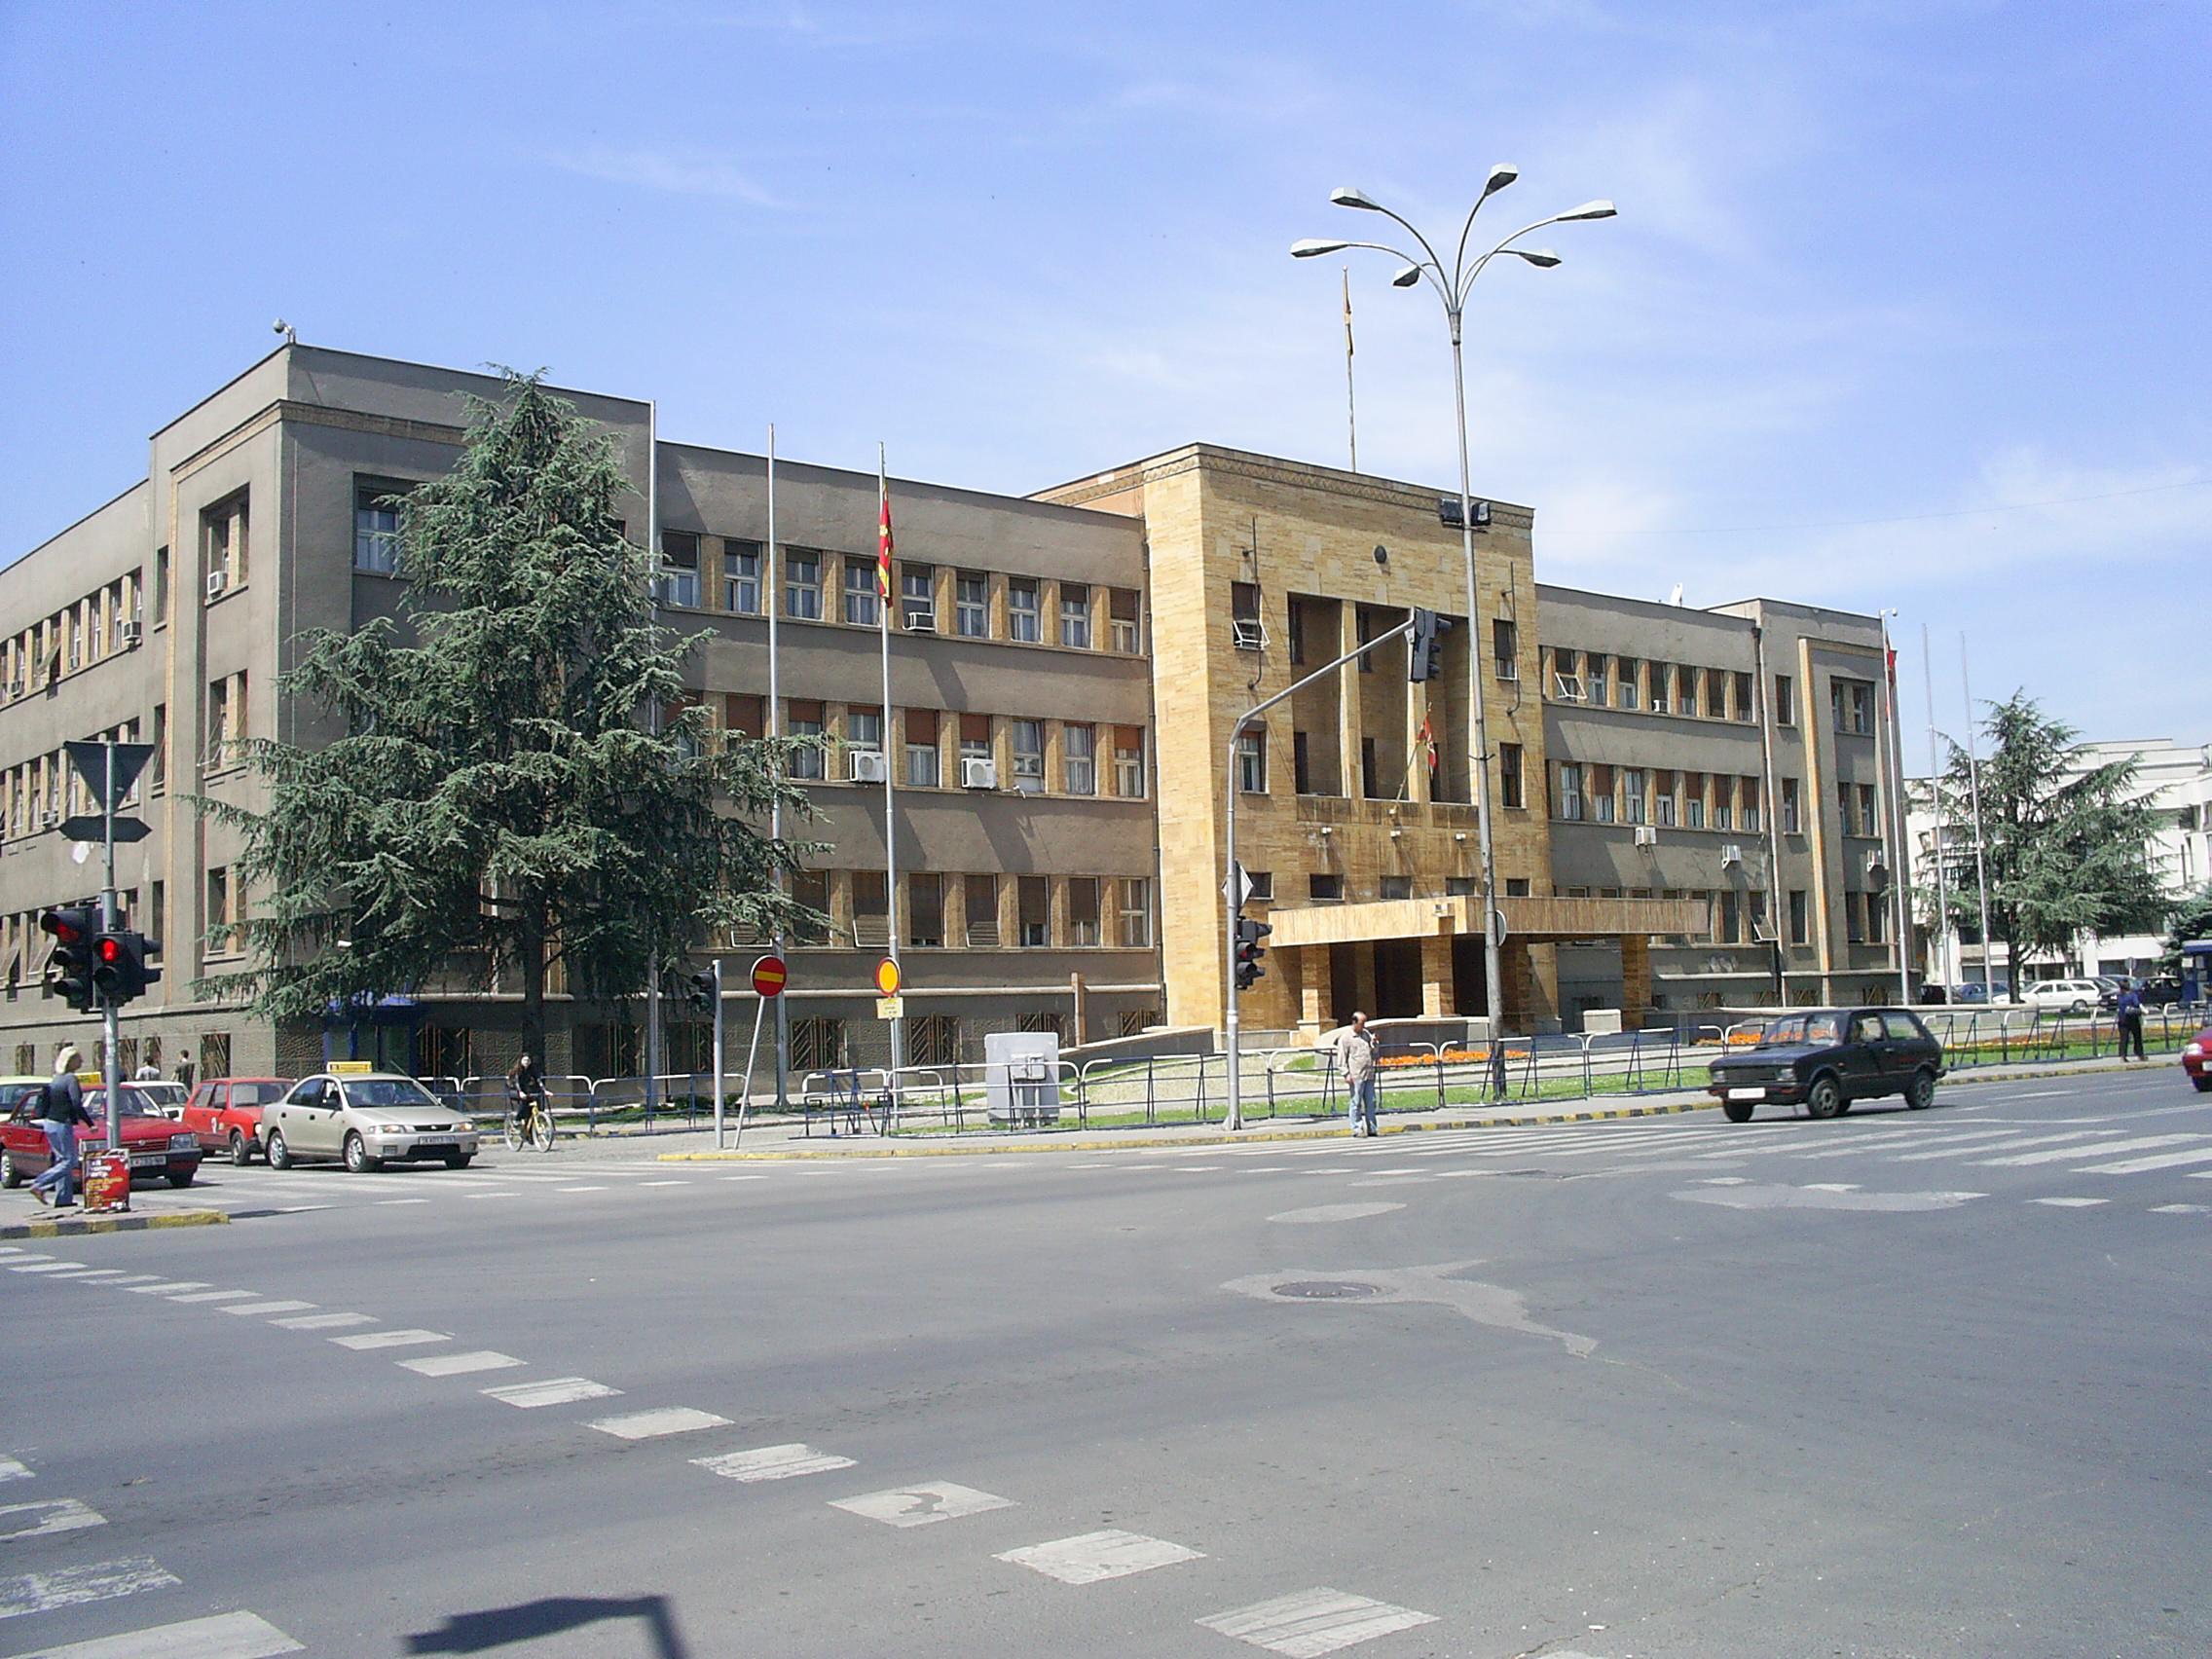 Visiter Skopje ; capitale multiethnique aux facettes plurielles en Macédoine (Fyrom) 16